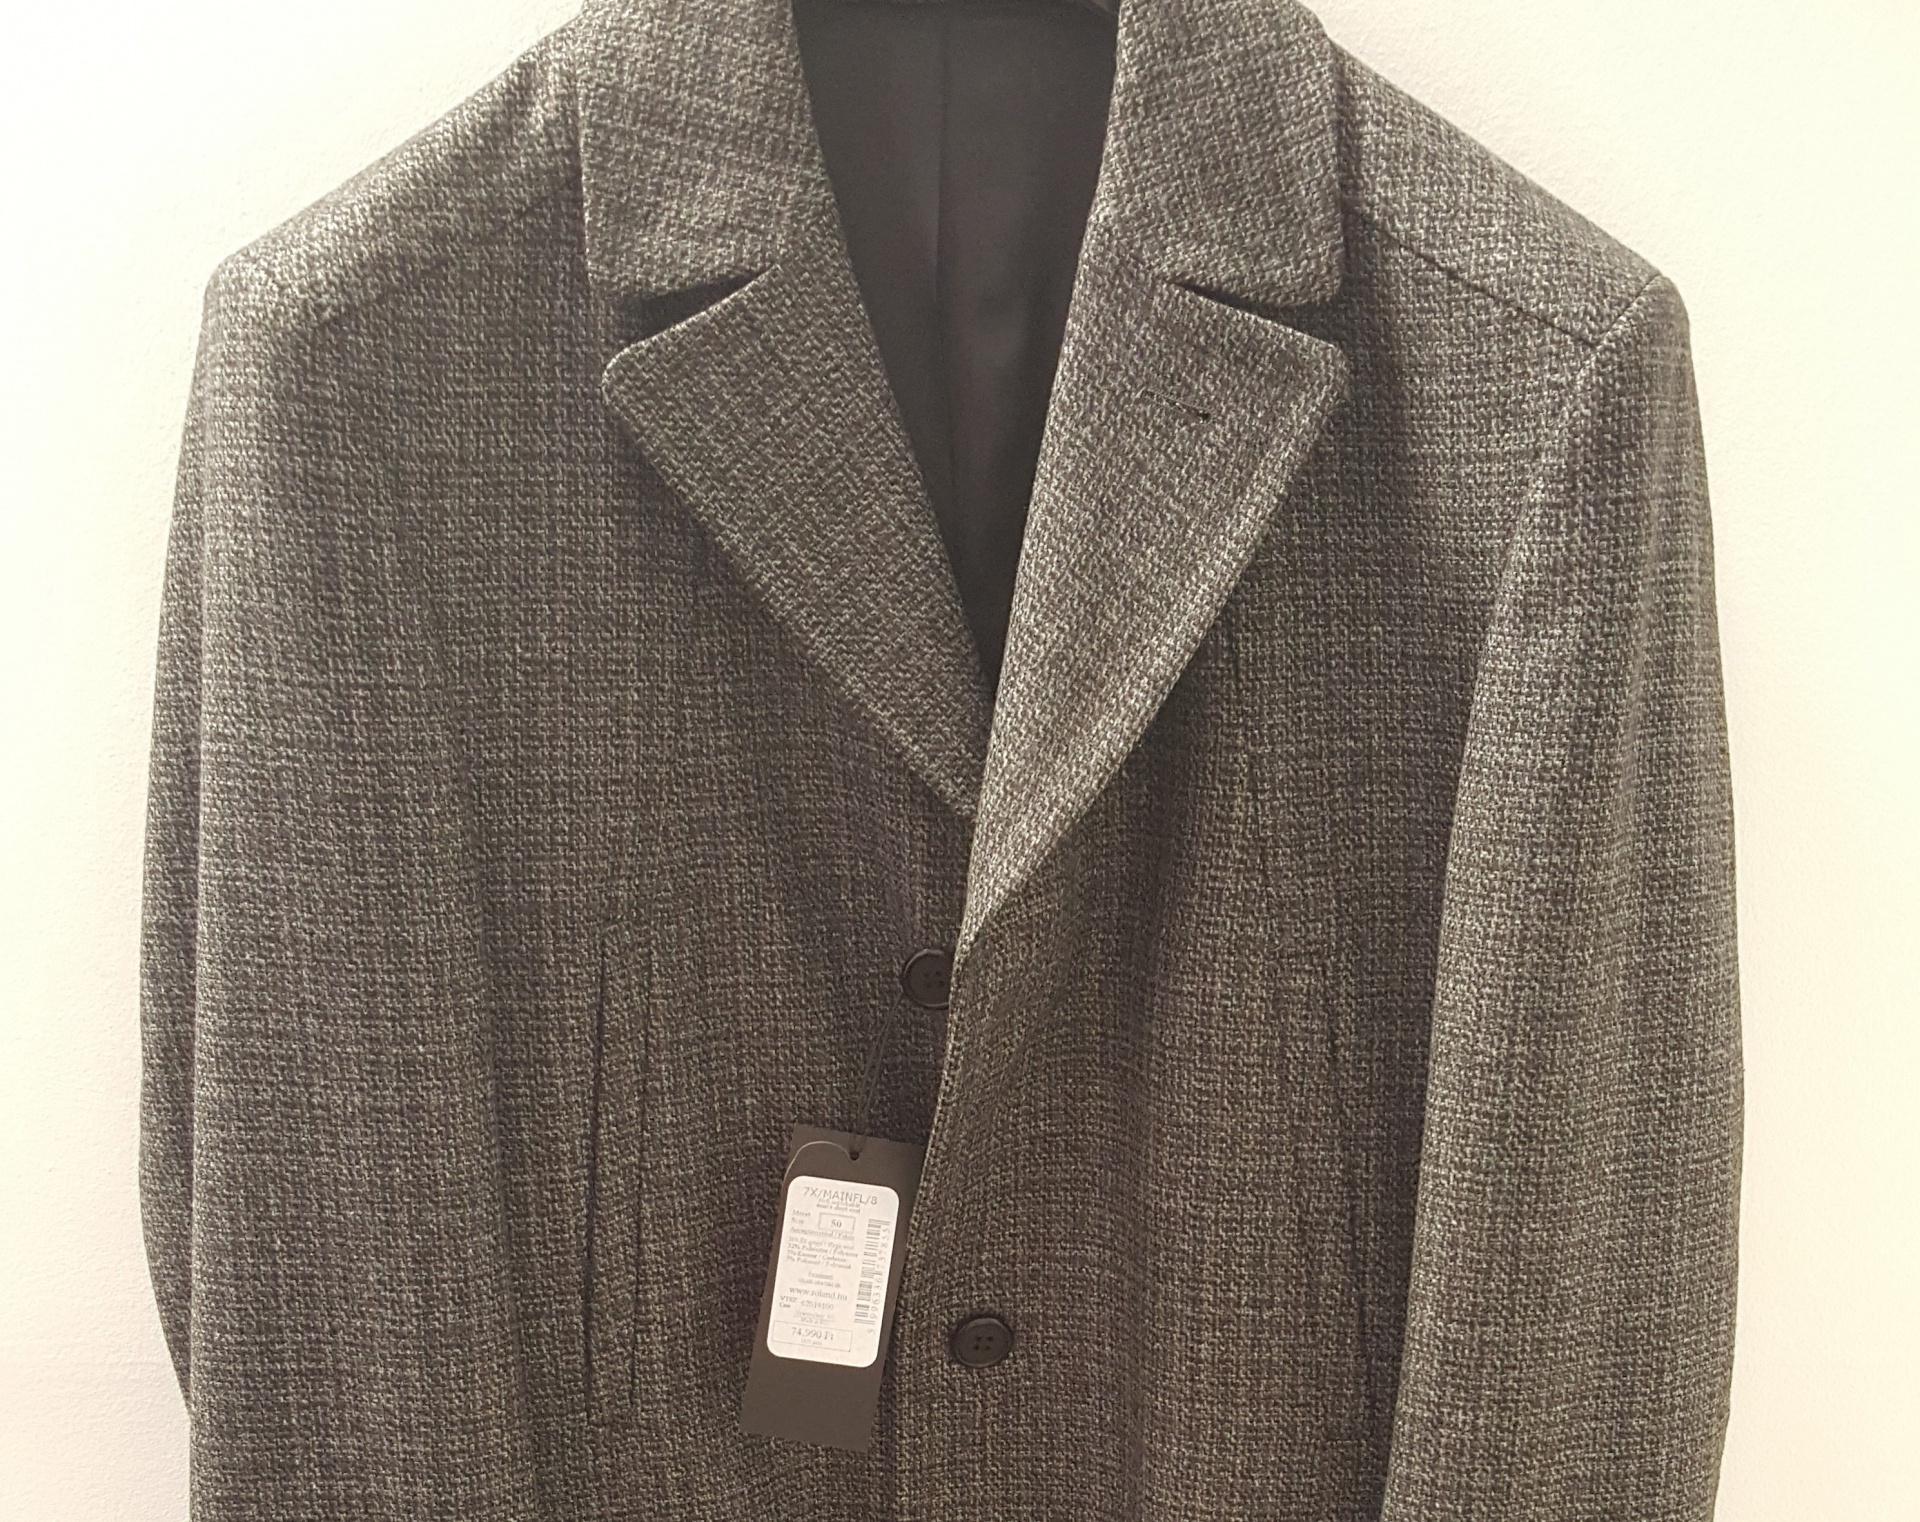 254ab1ac26 Ez a kabát is a Roland Divatház egyik terméke, amit nem kevesebb mint  72.999Ft-ért szerezhettek be eredeti áron. A kabát ugyan nem idei  kollekciós, ...